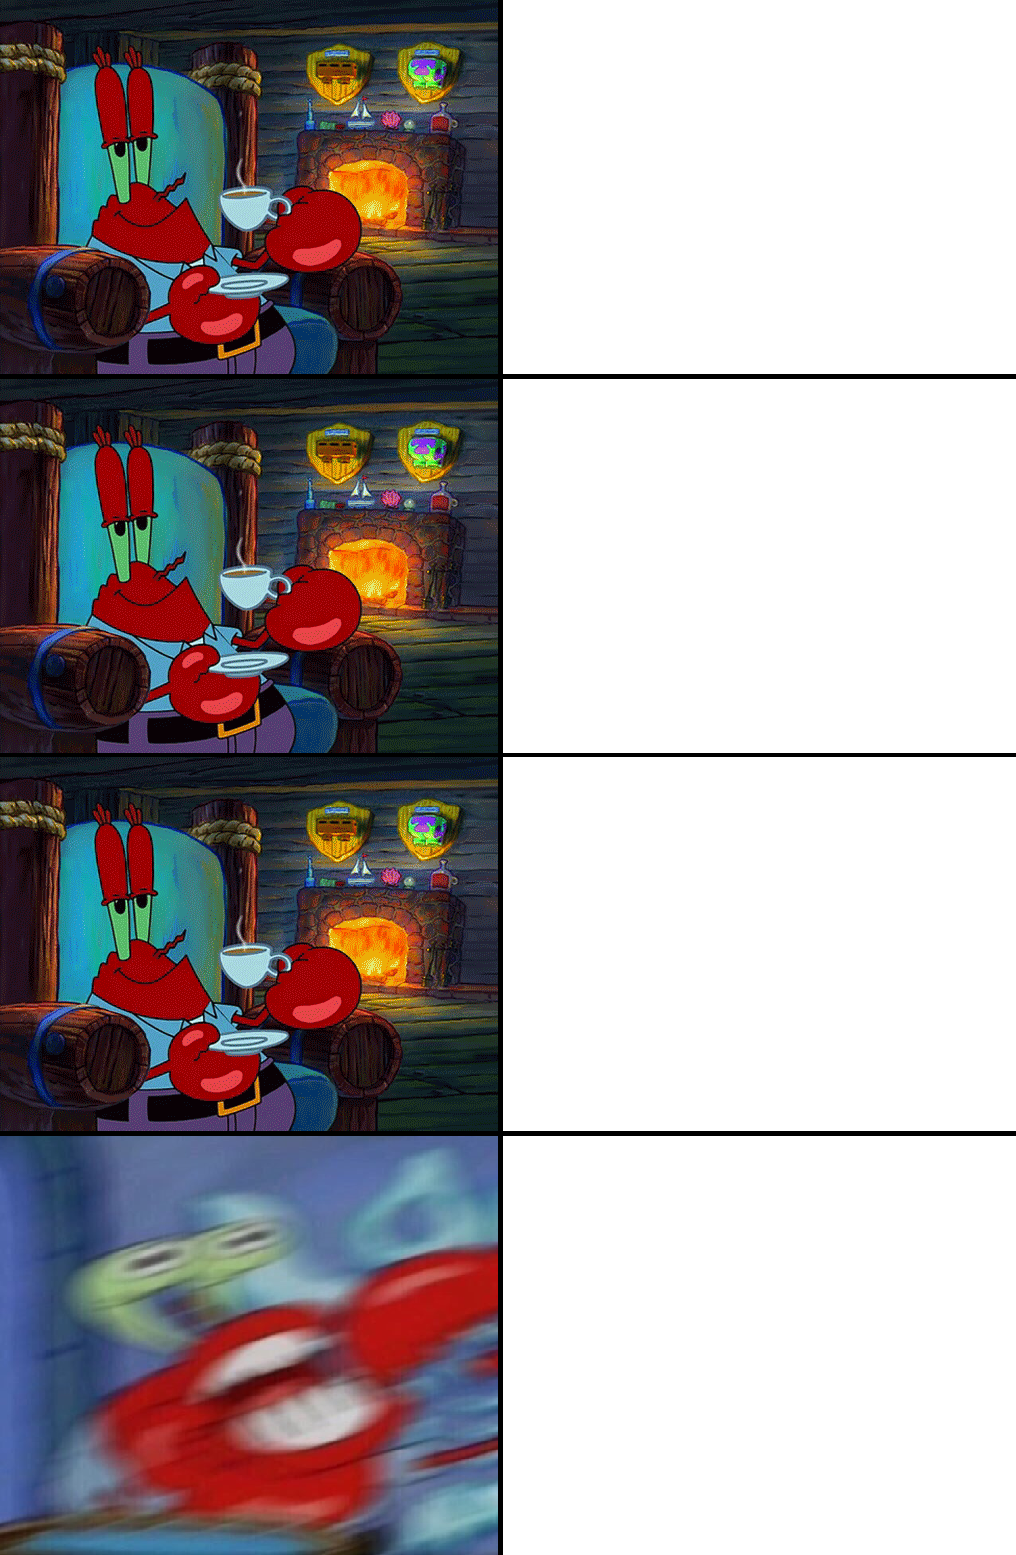 Mr Krabs Shocked Meme Template by ZackSonic123 on DeviantArt